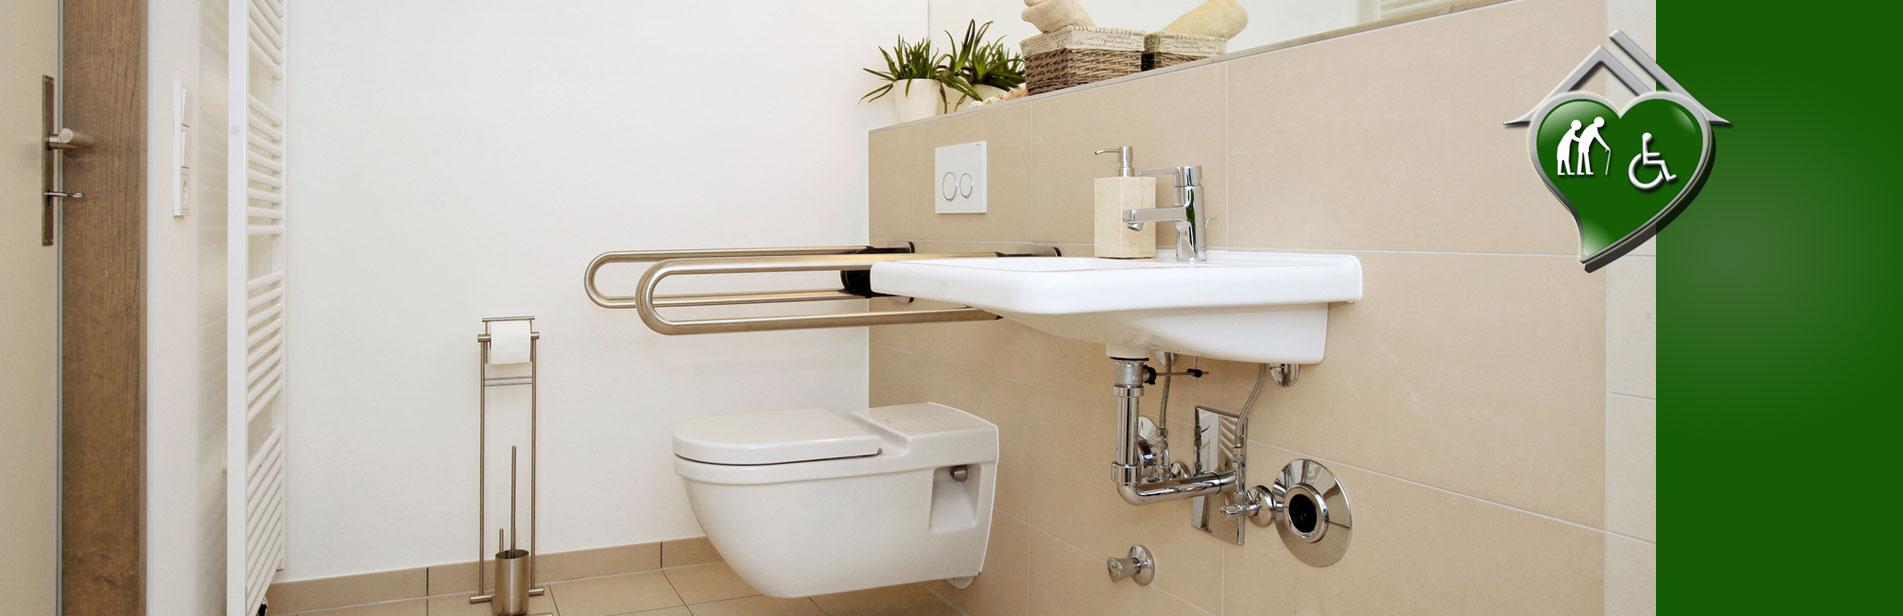 Am nagement et adaptation pour personnes handicap e pmr et senior - Amenagement salle de bain pour personne agee ...